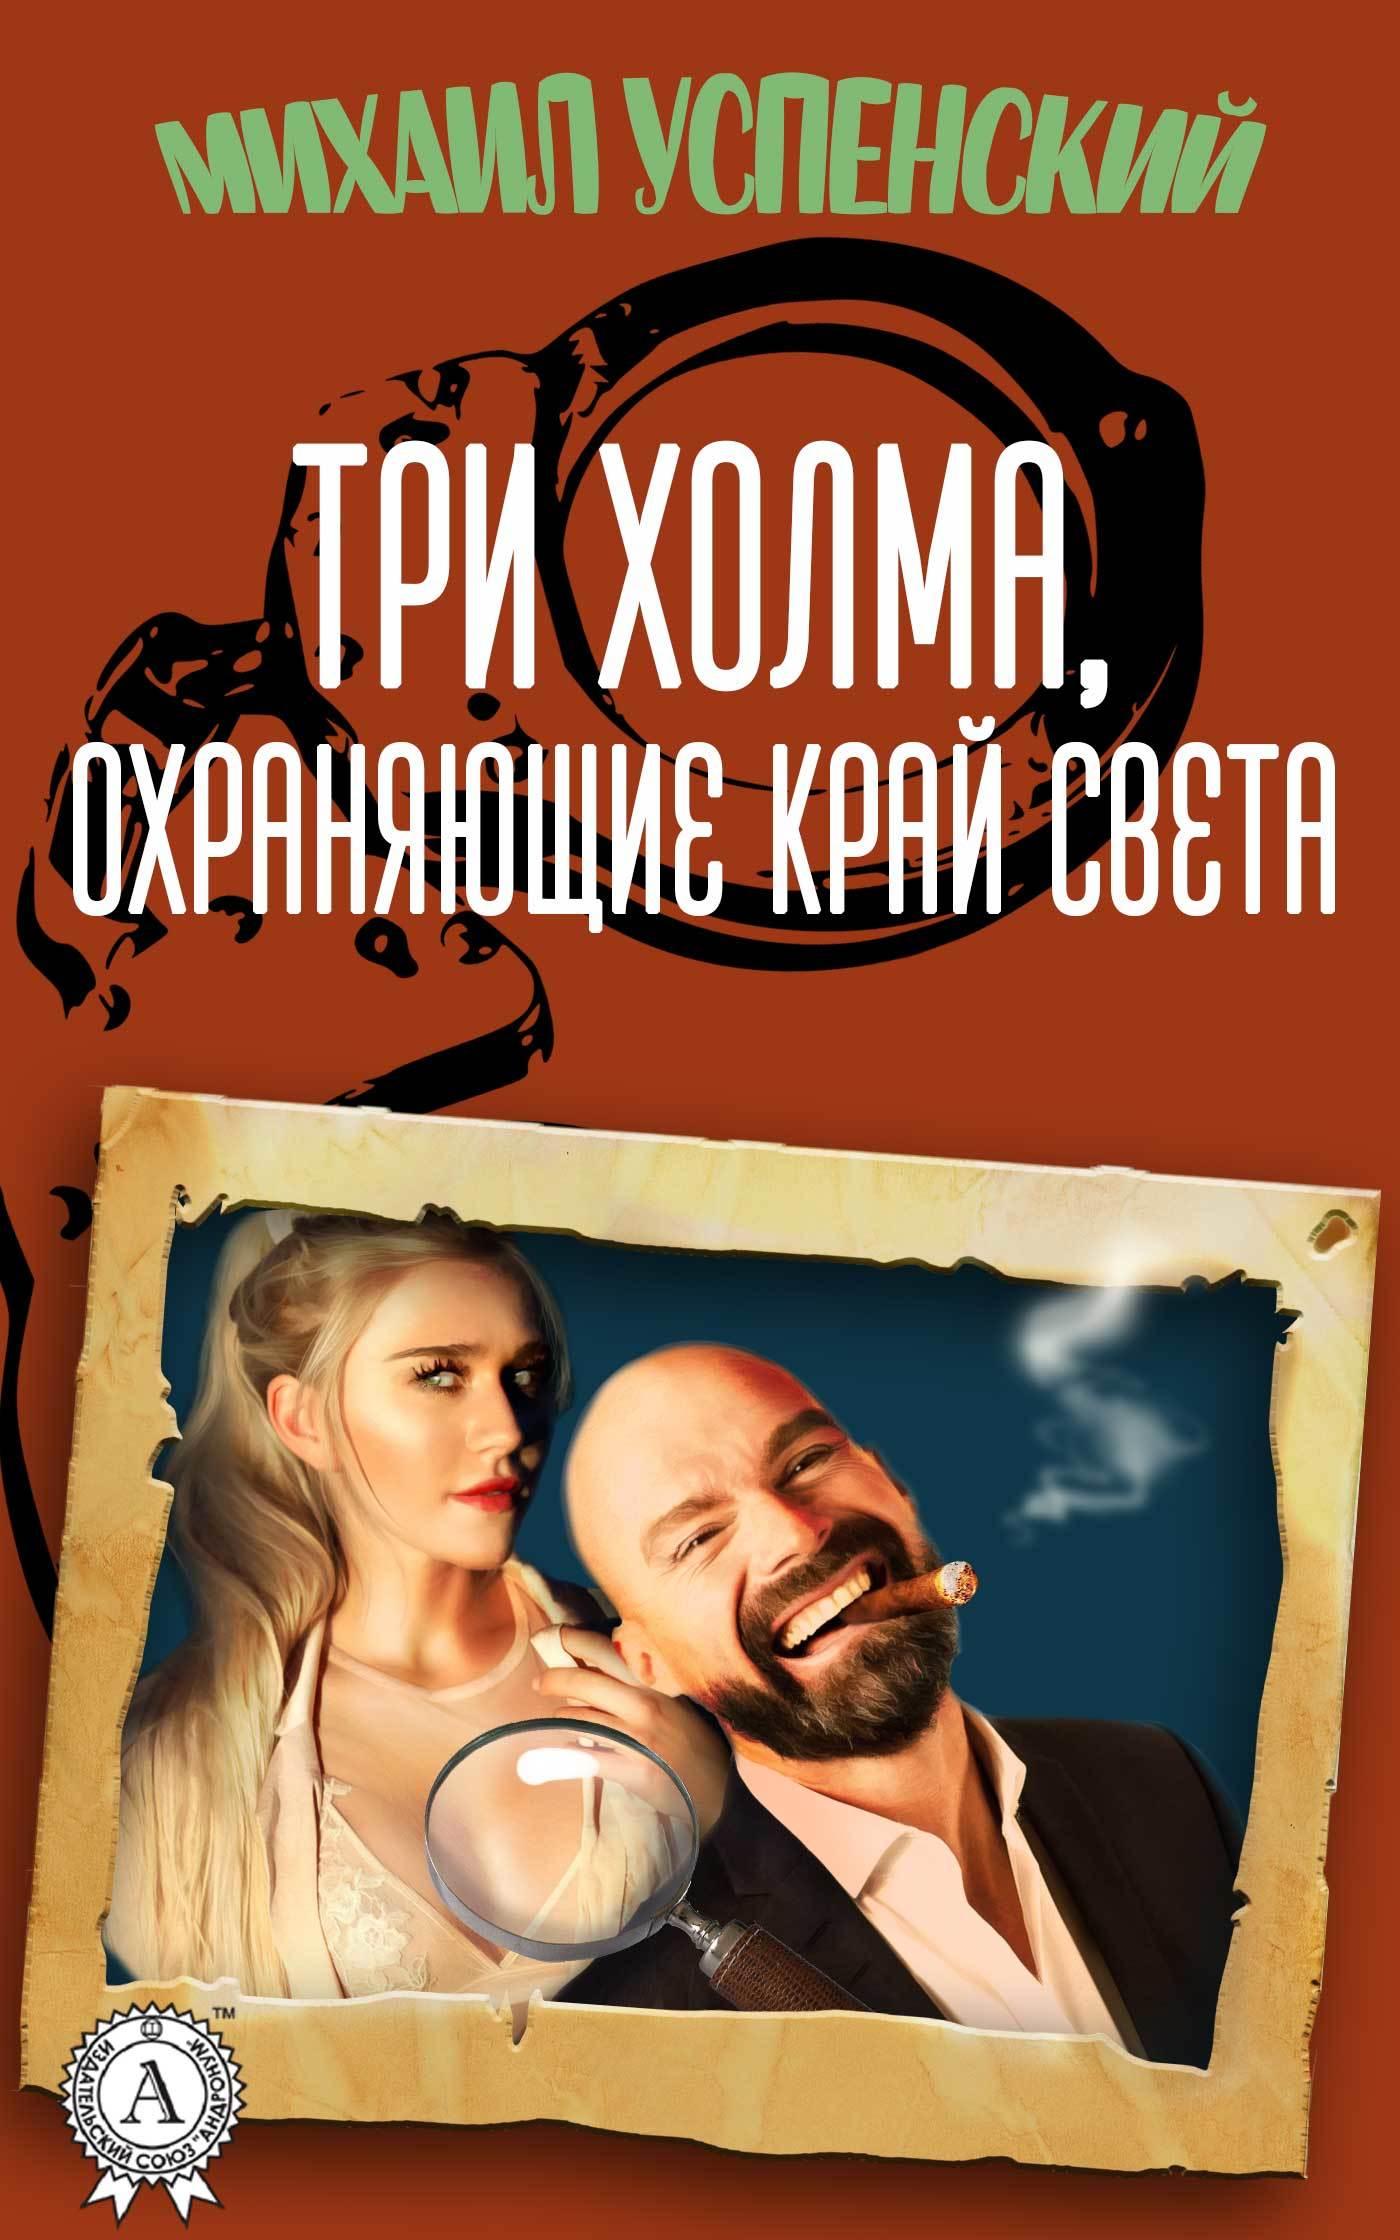 Михаил Успенский бесплатно